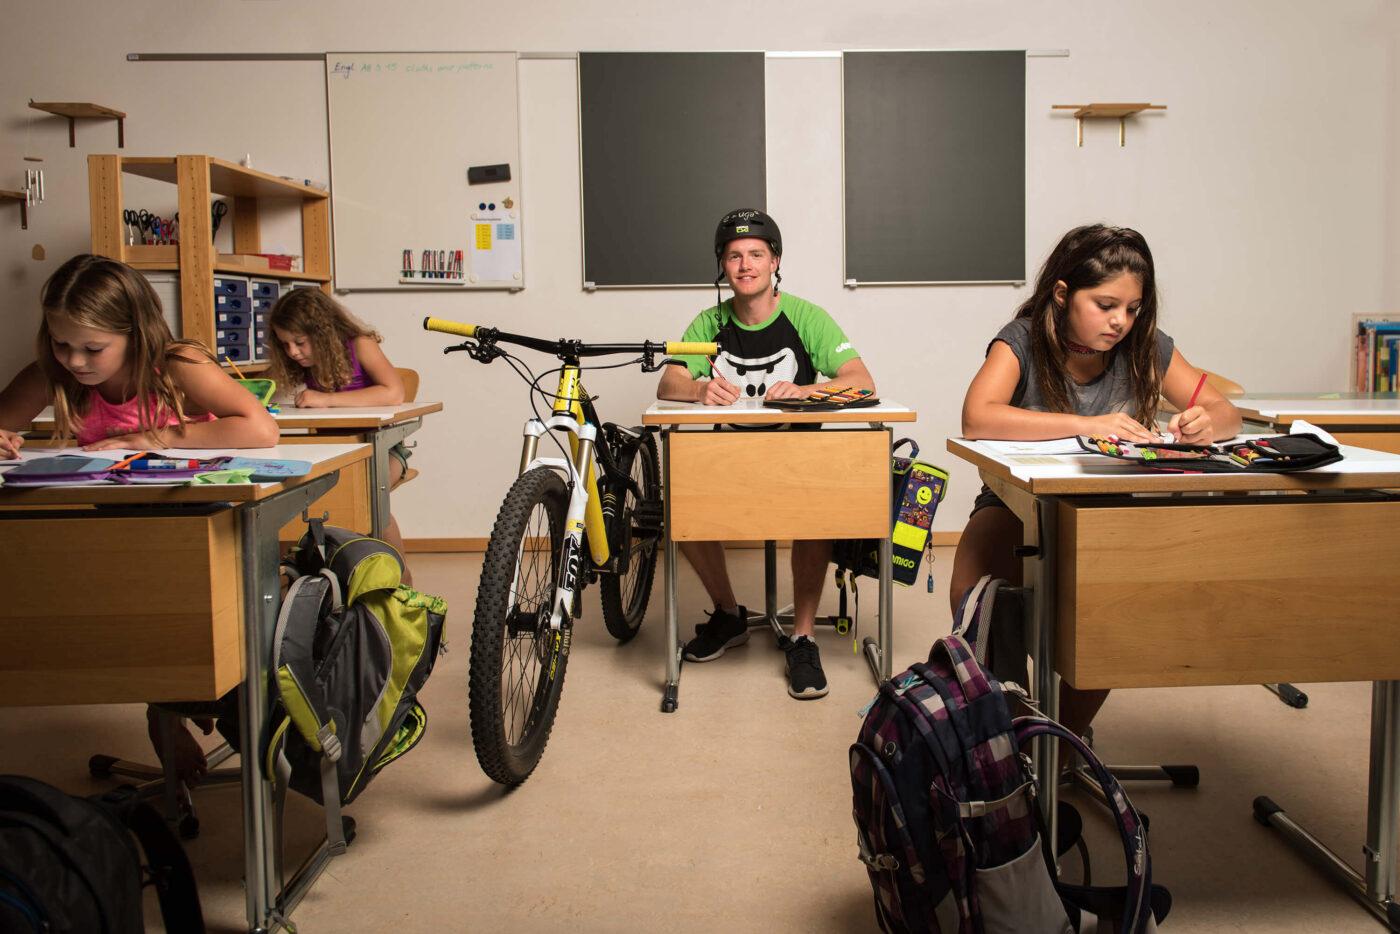 GORILLA Botschafter mit einem Bike sitzt in einem Schulzimmer mit 3 Maedchen.